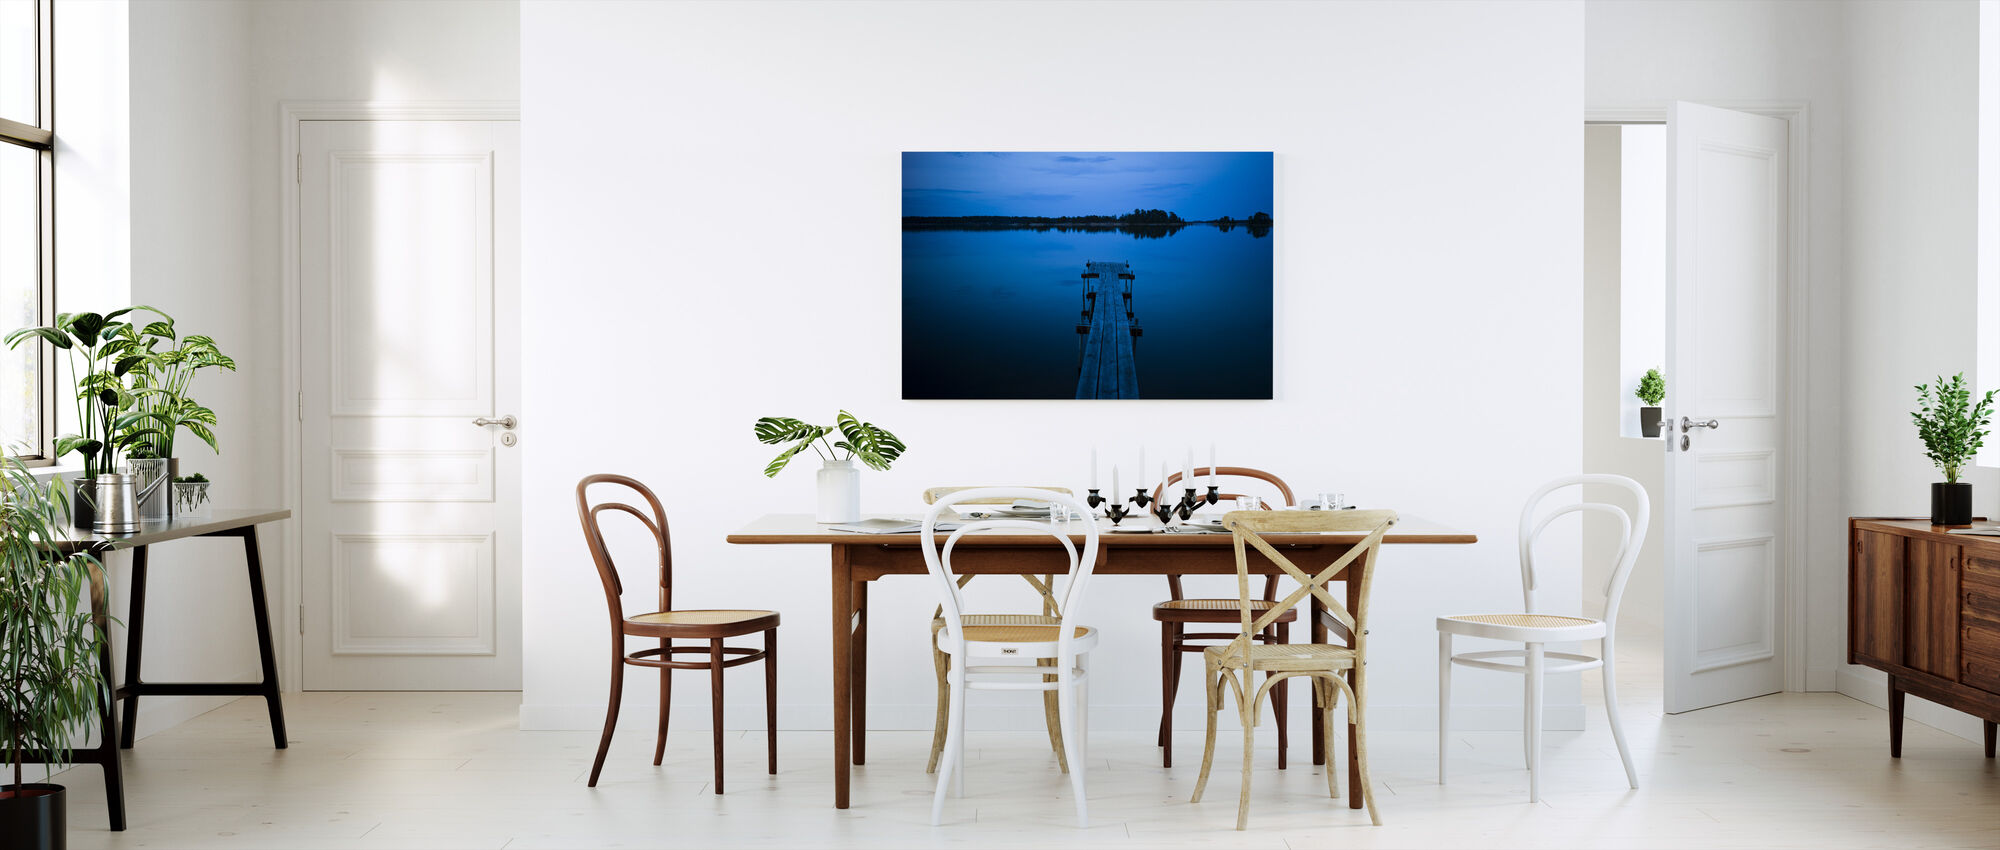 Puinen laituri iltahämärässä, Ruotsi - Canvastaulu - Keittiö